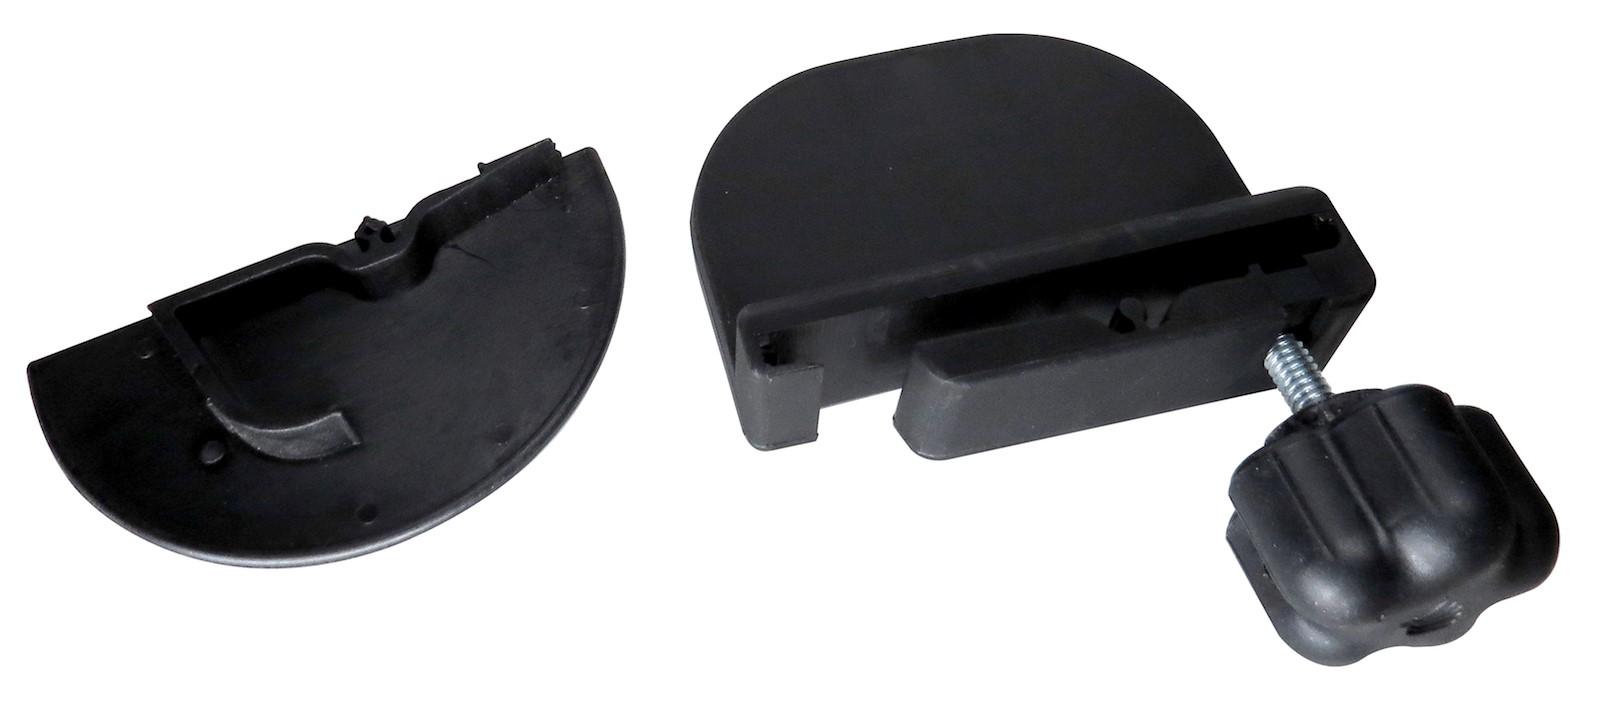 FastCap 2257 Slide Pro Hands-free Installation System 2-Pack